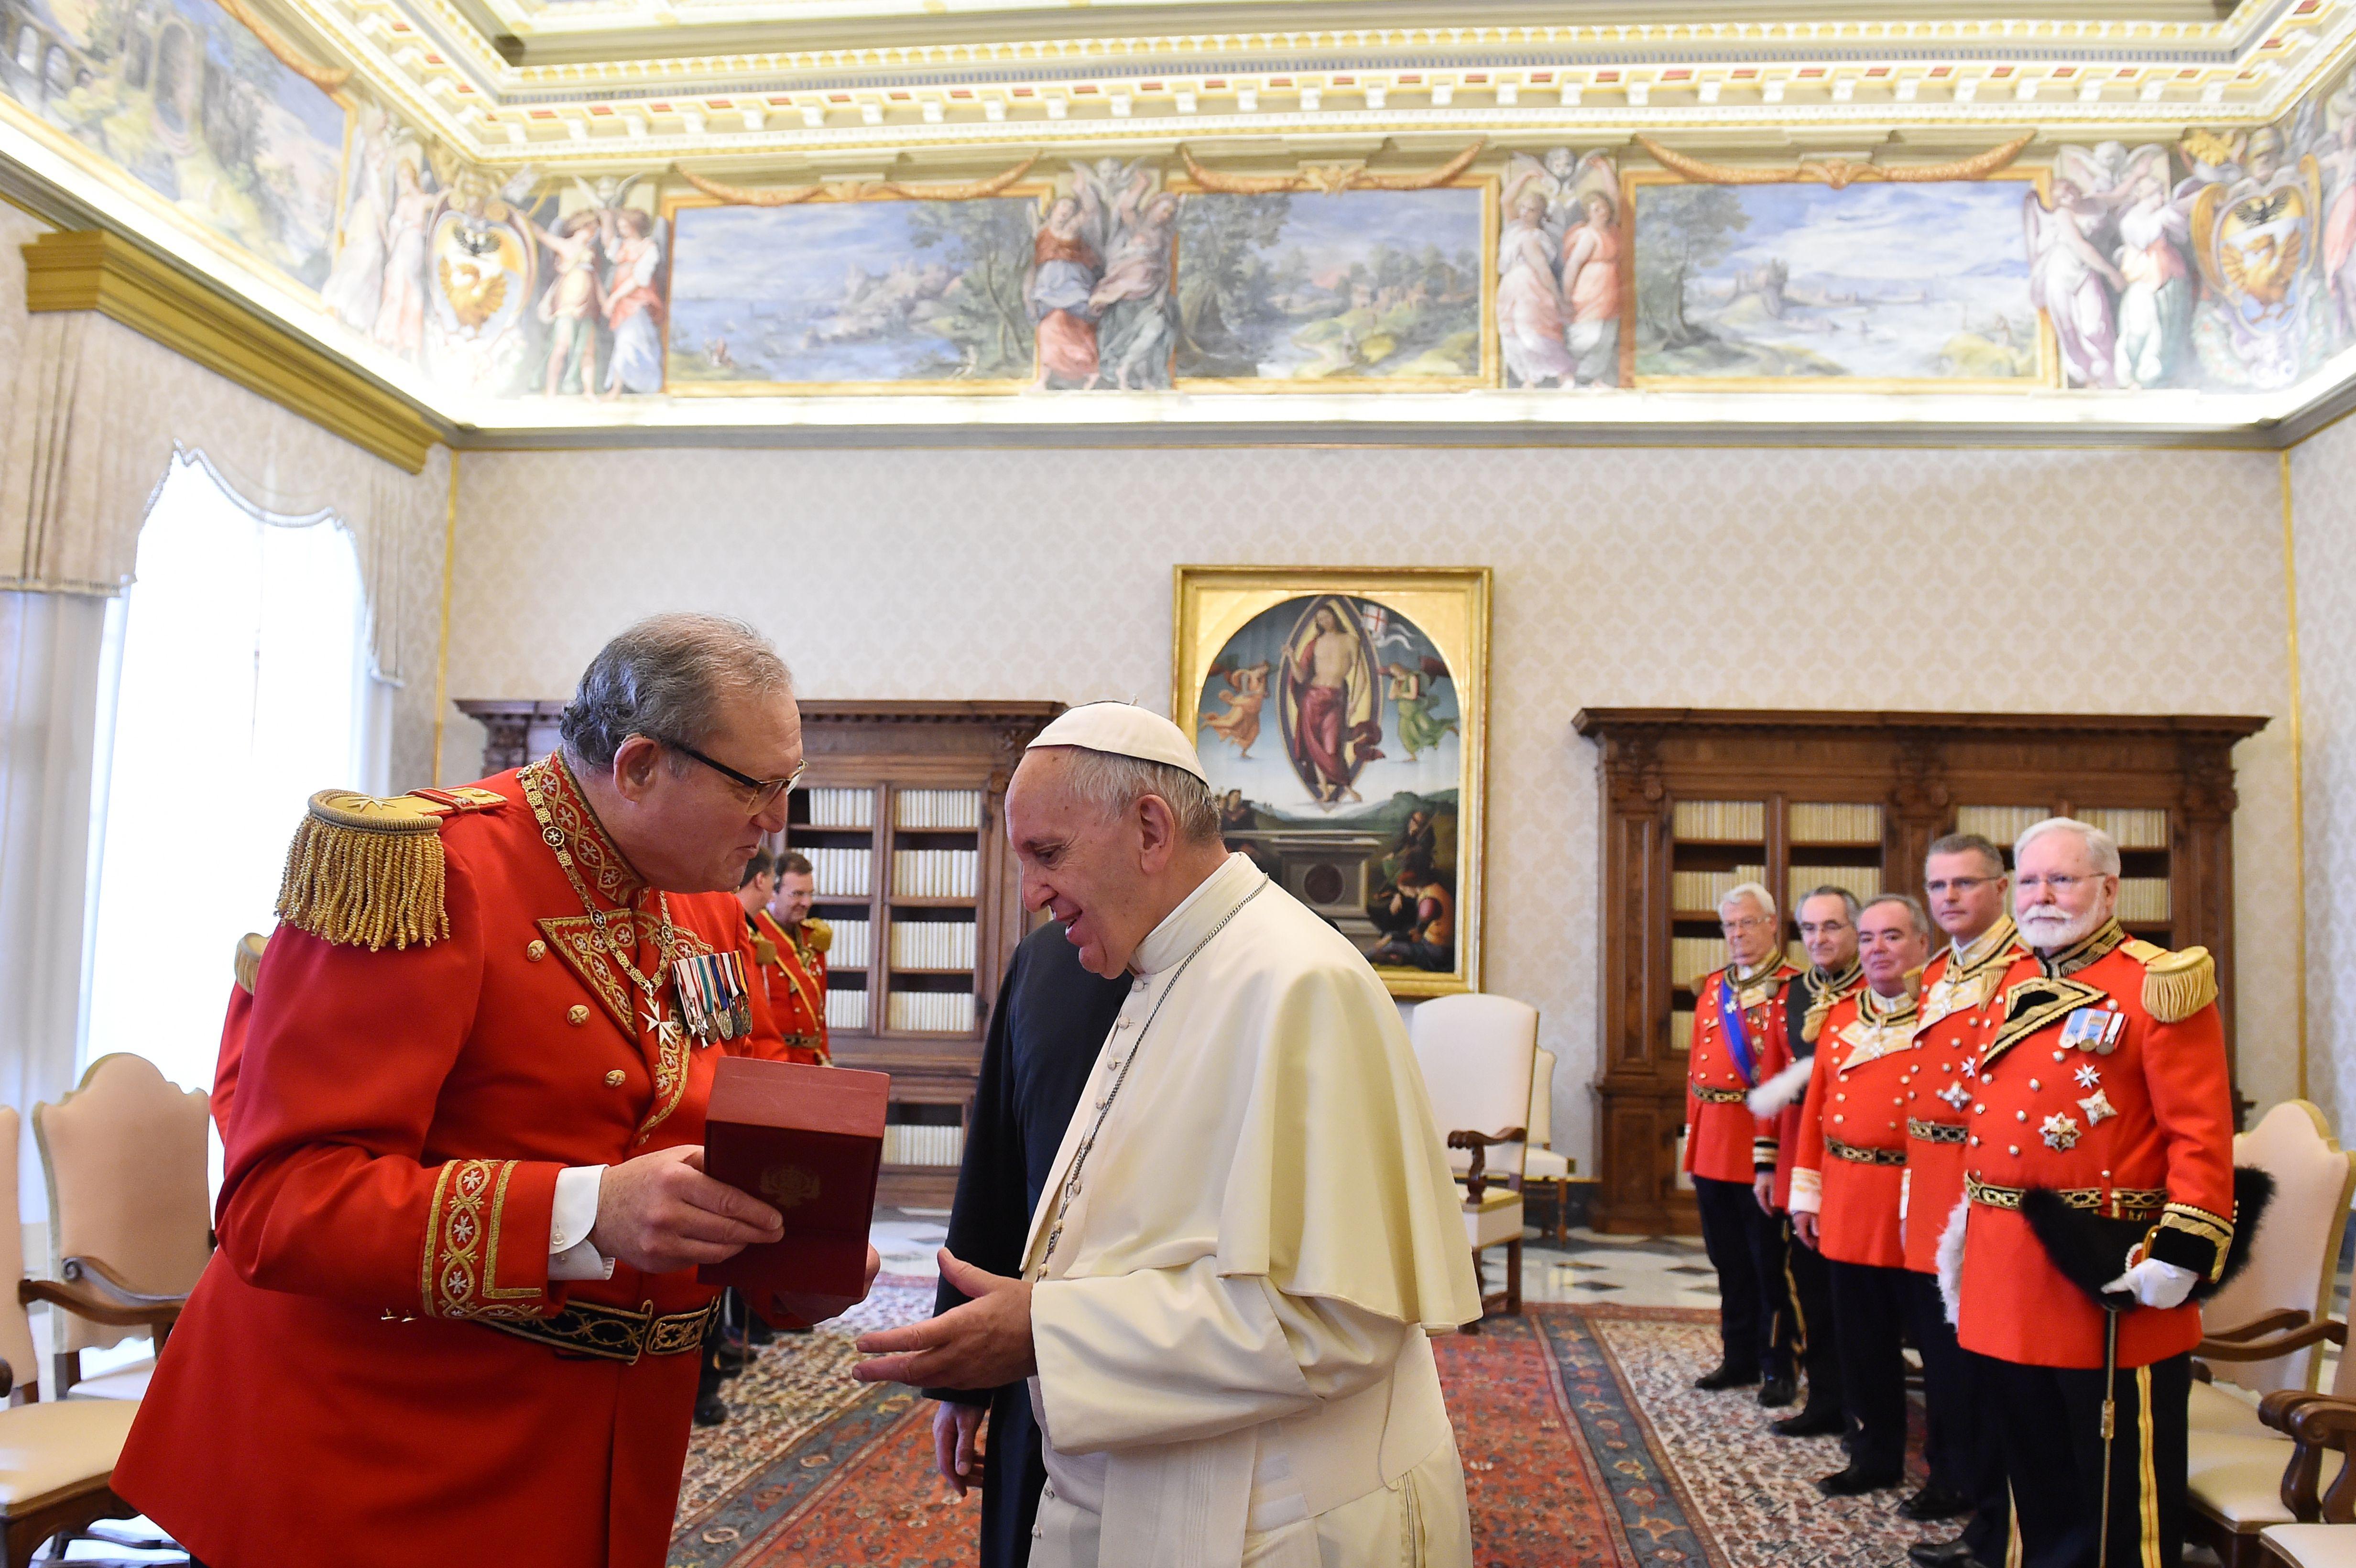 A Vatikán éppen annektált egy szuverén államot